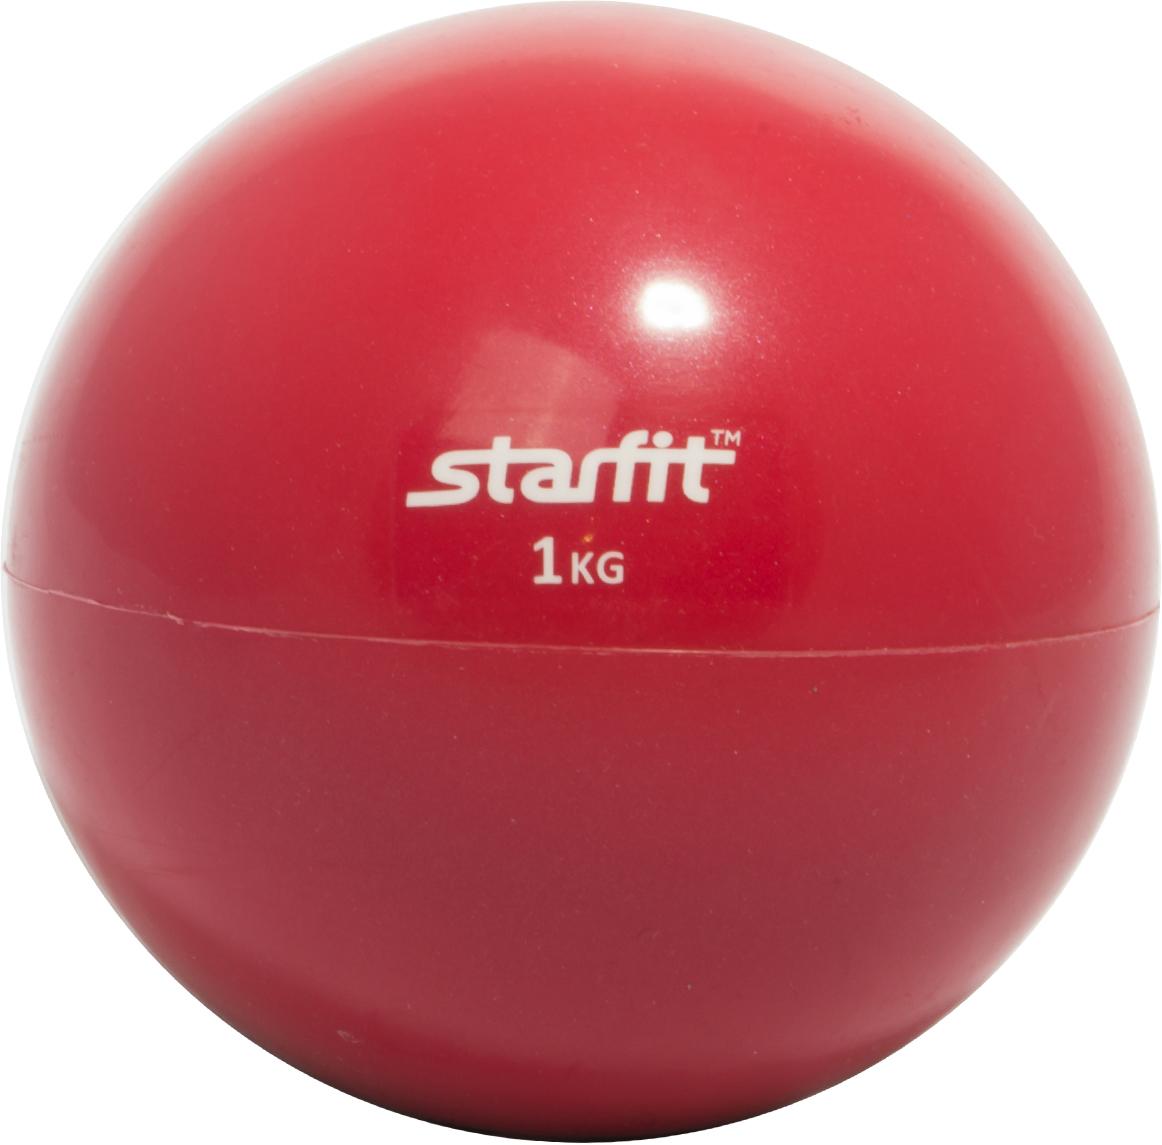 Медицинбол Starfit GB-703, цвет: красный, 1 кгУТ-00008272Медицинбол GB-703 -это качественная модель Star Fit, которую используют и профессиональные спортсмены и любители. Медицинбол Star Fit имеет яркую цветовую гамму, которая никого не оставит равнодушным.Важный аксессуар для функциональной тренировки тела. Его используют в групповых программах, функциональном тренинге, бодибилдинге, фитнесе и пилатесе. Помогает в тренировке мышц пресса, мышц рук, грудной клетки, спины, плеч, ног и ягодиц. Его применяют для разнообразия и новизны в тренировках, что позволяет с помощью него провести полноценную тренировку для всего организма. Характеристики:Материал: ПВХНаполнитель: песокВес, кг: 1Цвет: красныйКоличество в упаковке, шт: 1Производство: КНРЙога: все, что нужно начинающим и опытным практикам. Статья OZON Гид